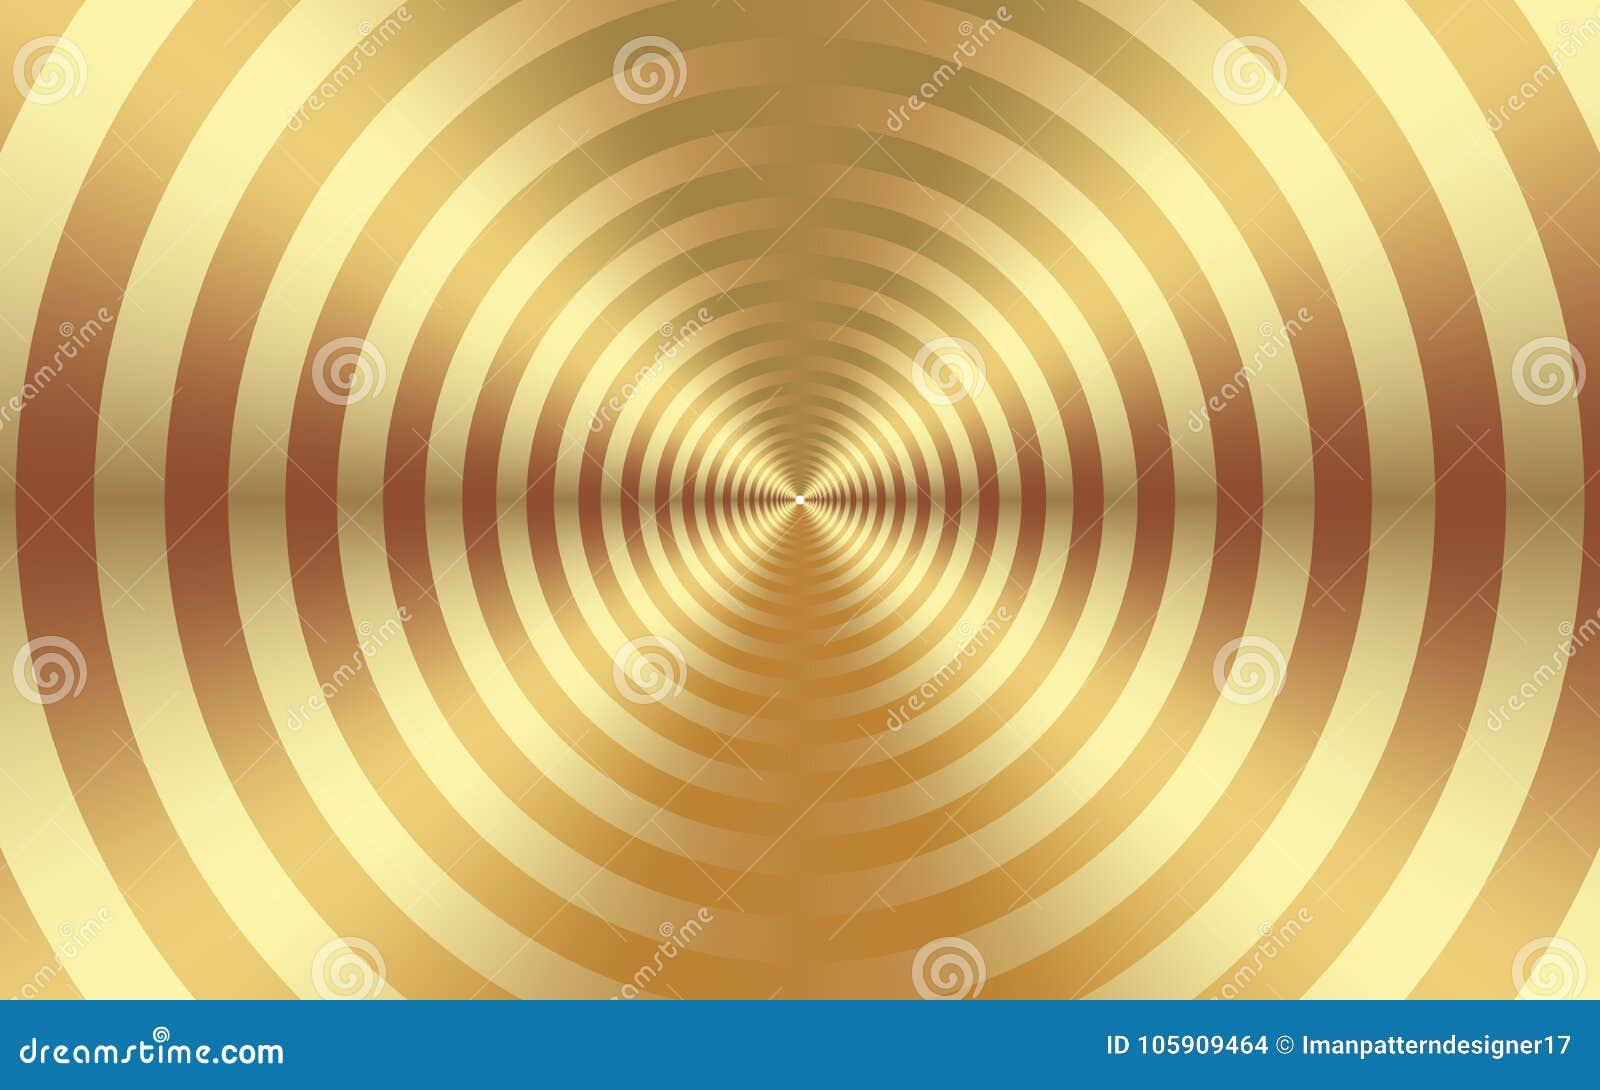 Złotych celów abstrakta tło złoto textured tło dla kreatywnie projektów